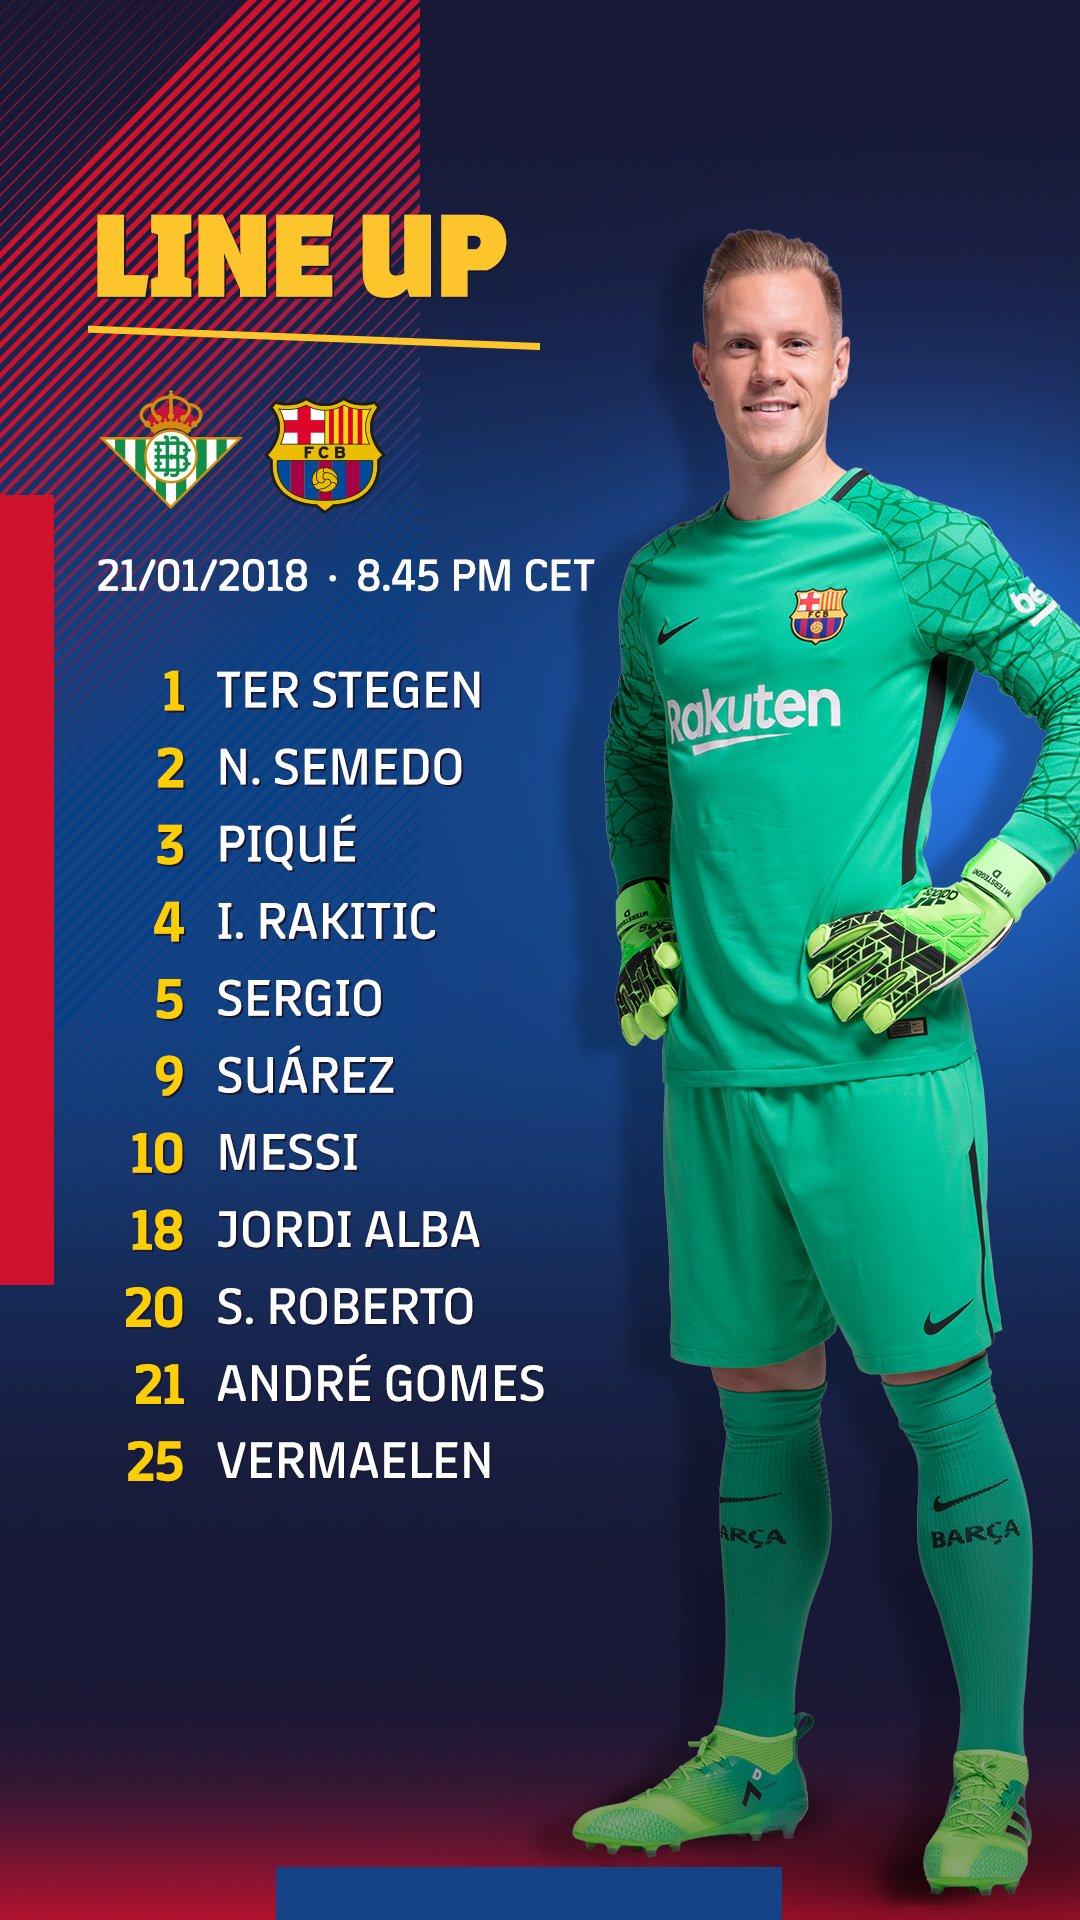 Barça XI ⚽ #BetisBarça ���� #ForçaBarça! https://t.co/ZRM5CNhHGW